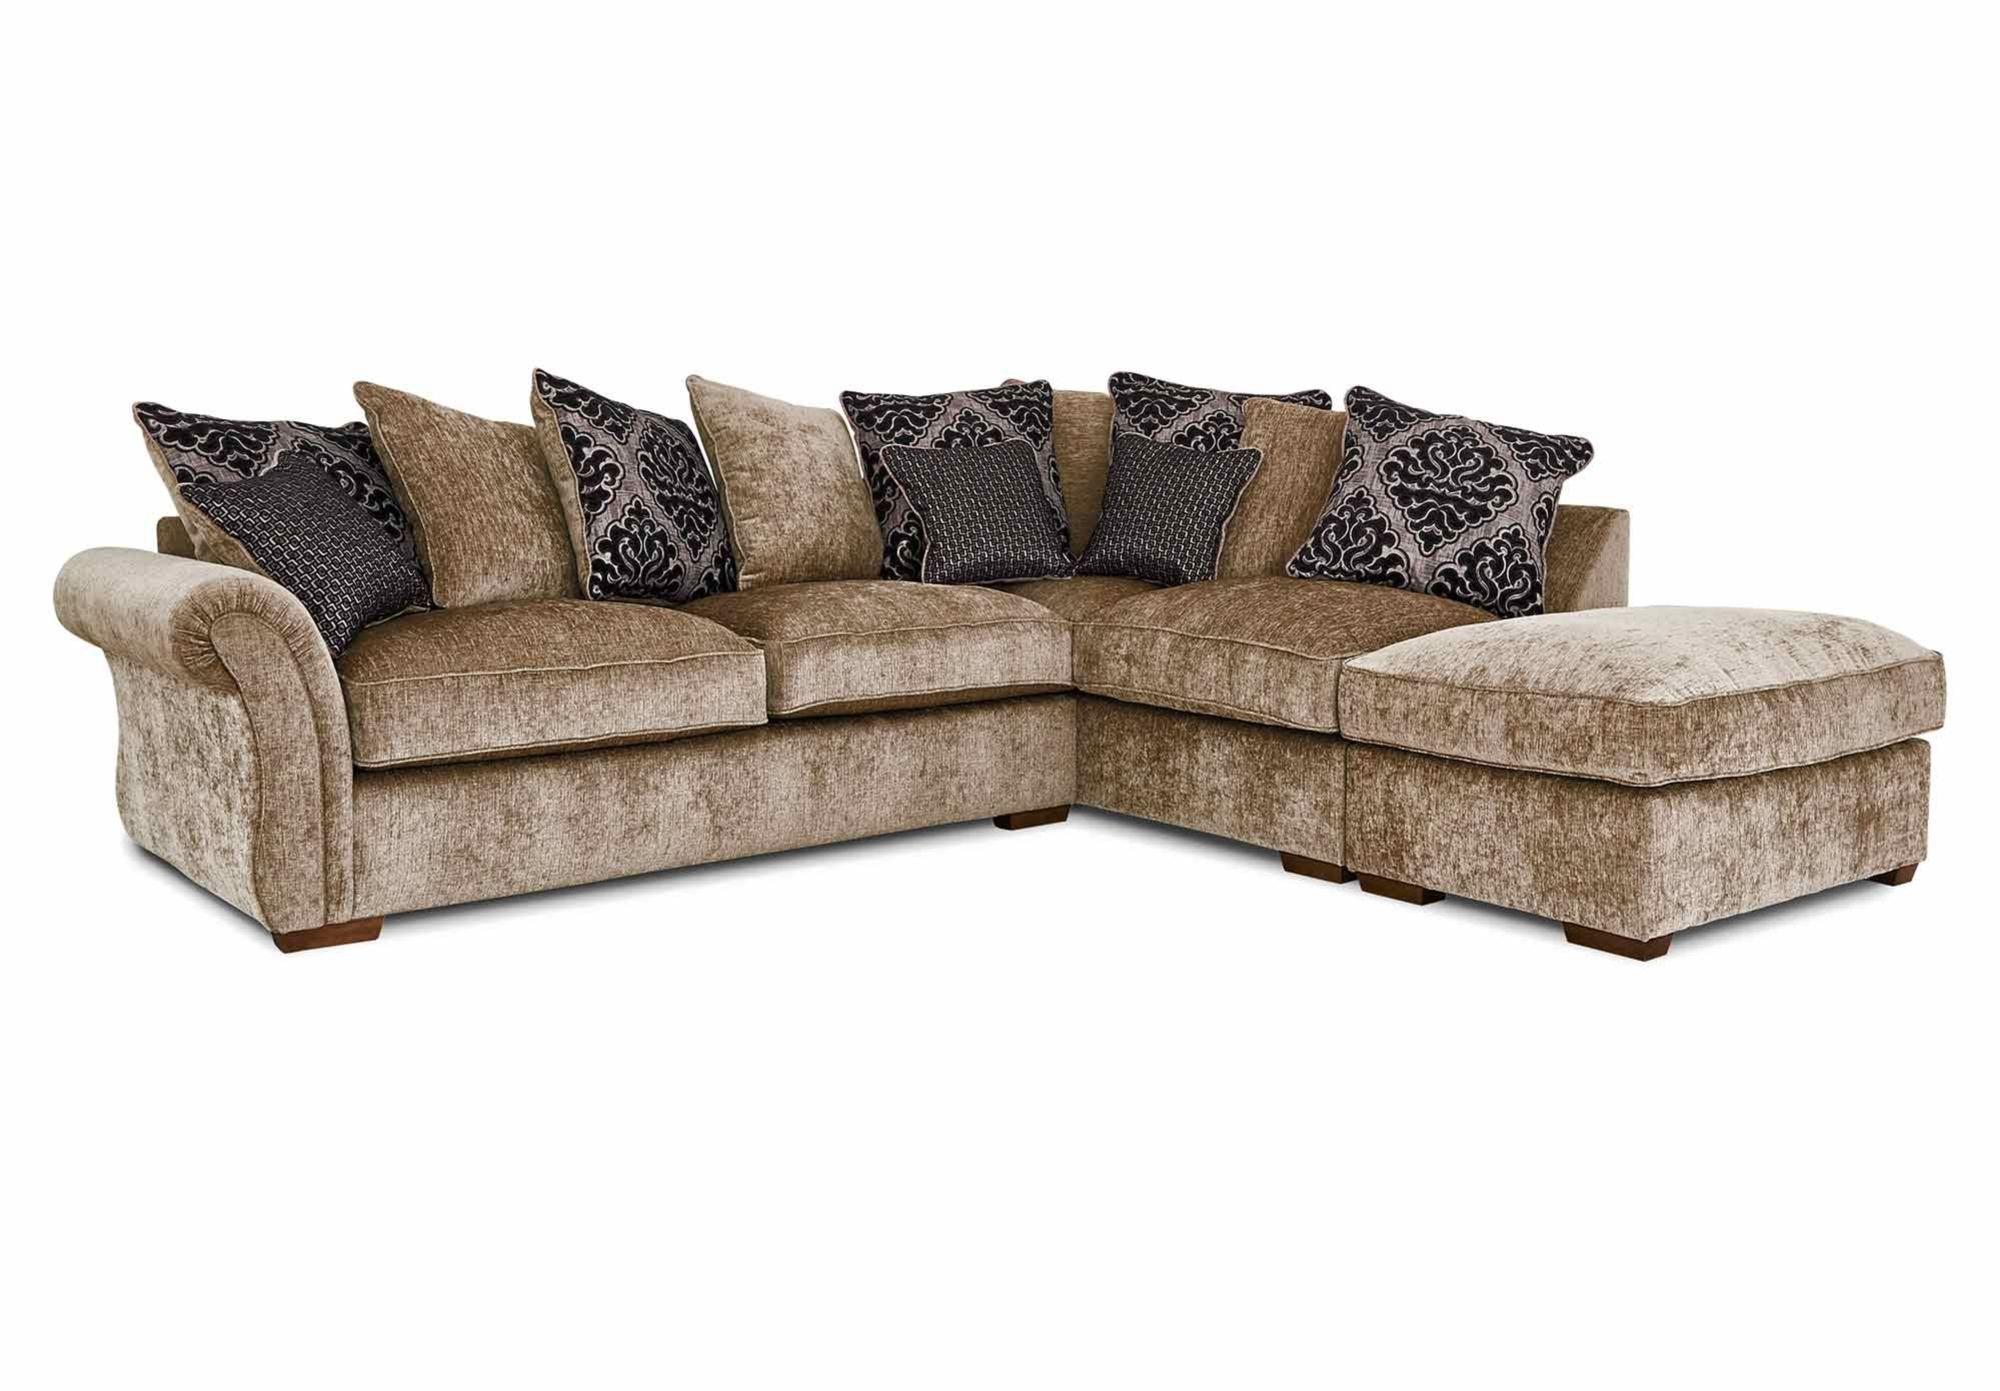 Luxor RHF Scatter Back Corner Sofa At Furniture Village